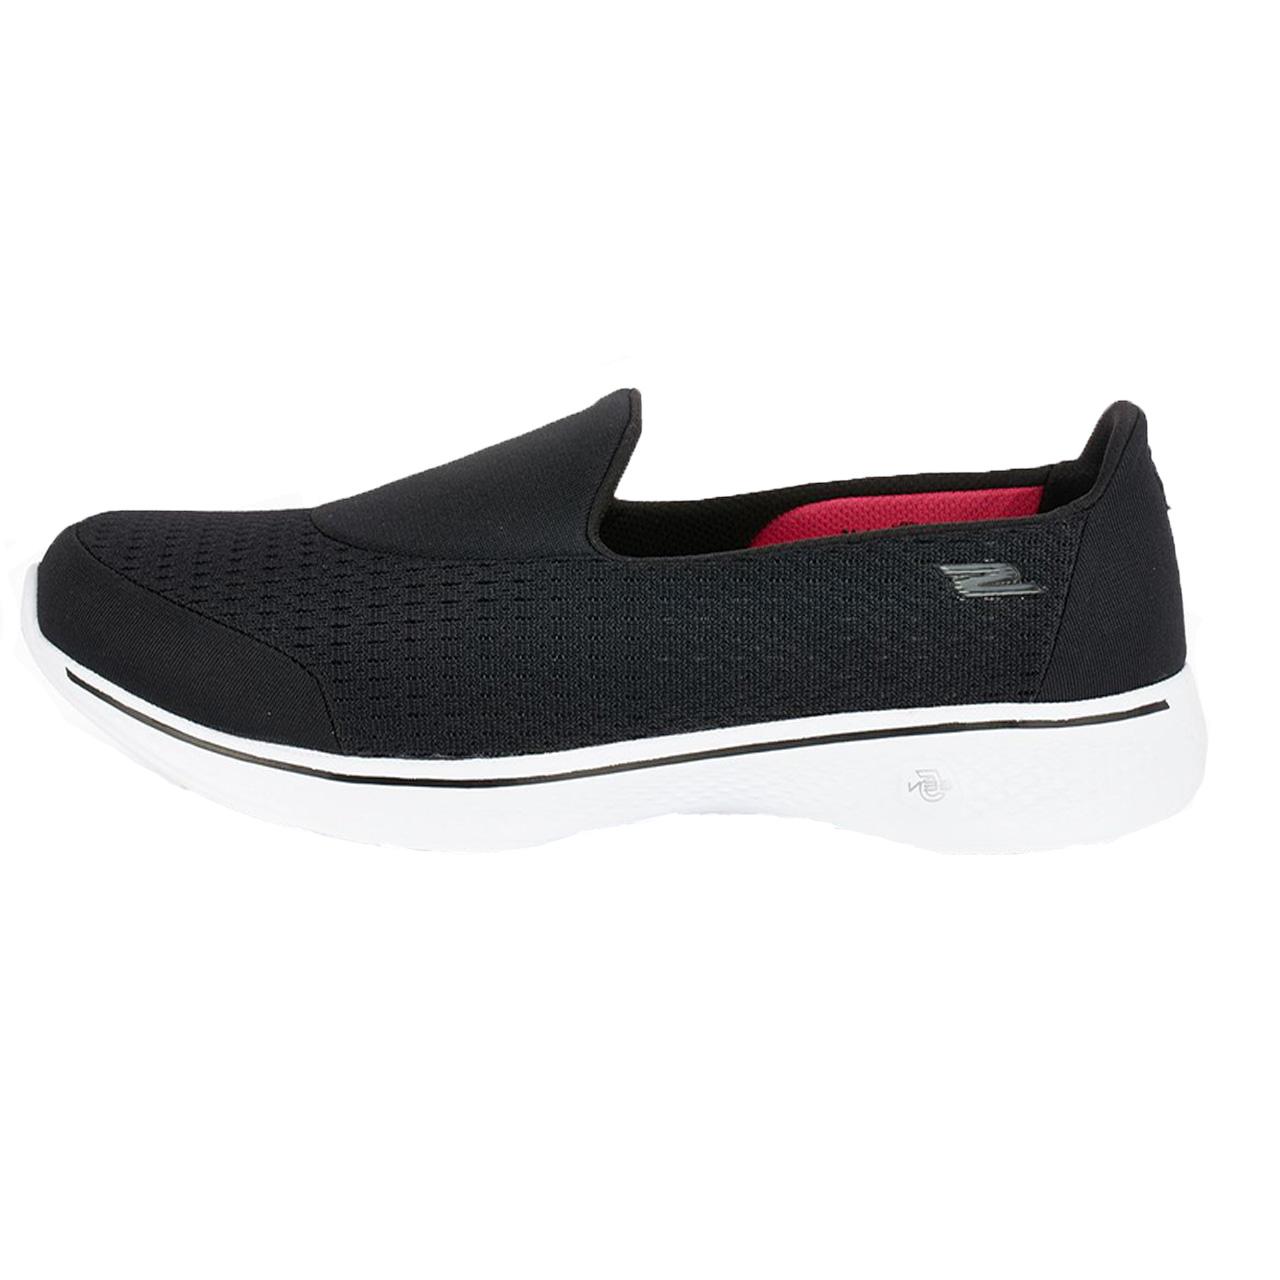 کفش راحتی زنانه اسکچرز مدل  Go Walk 4 bkw